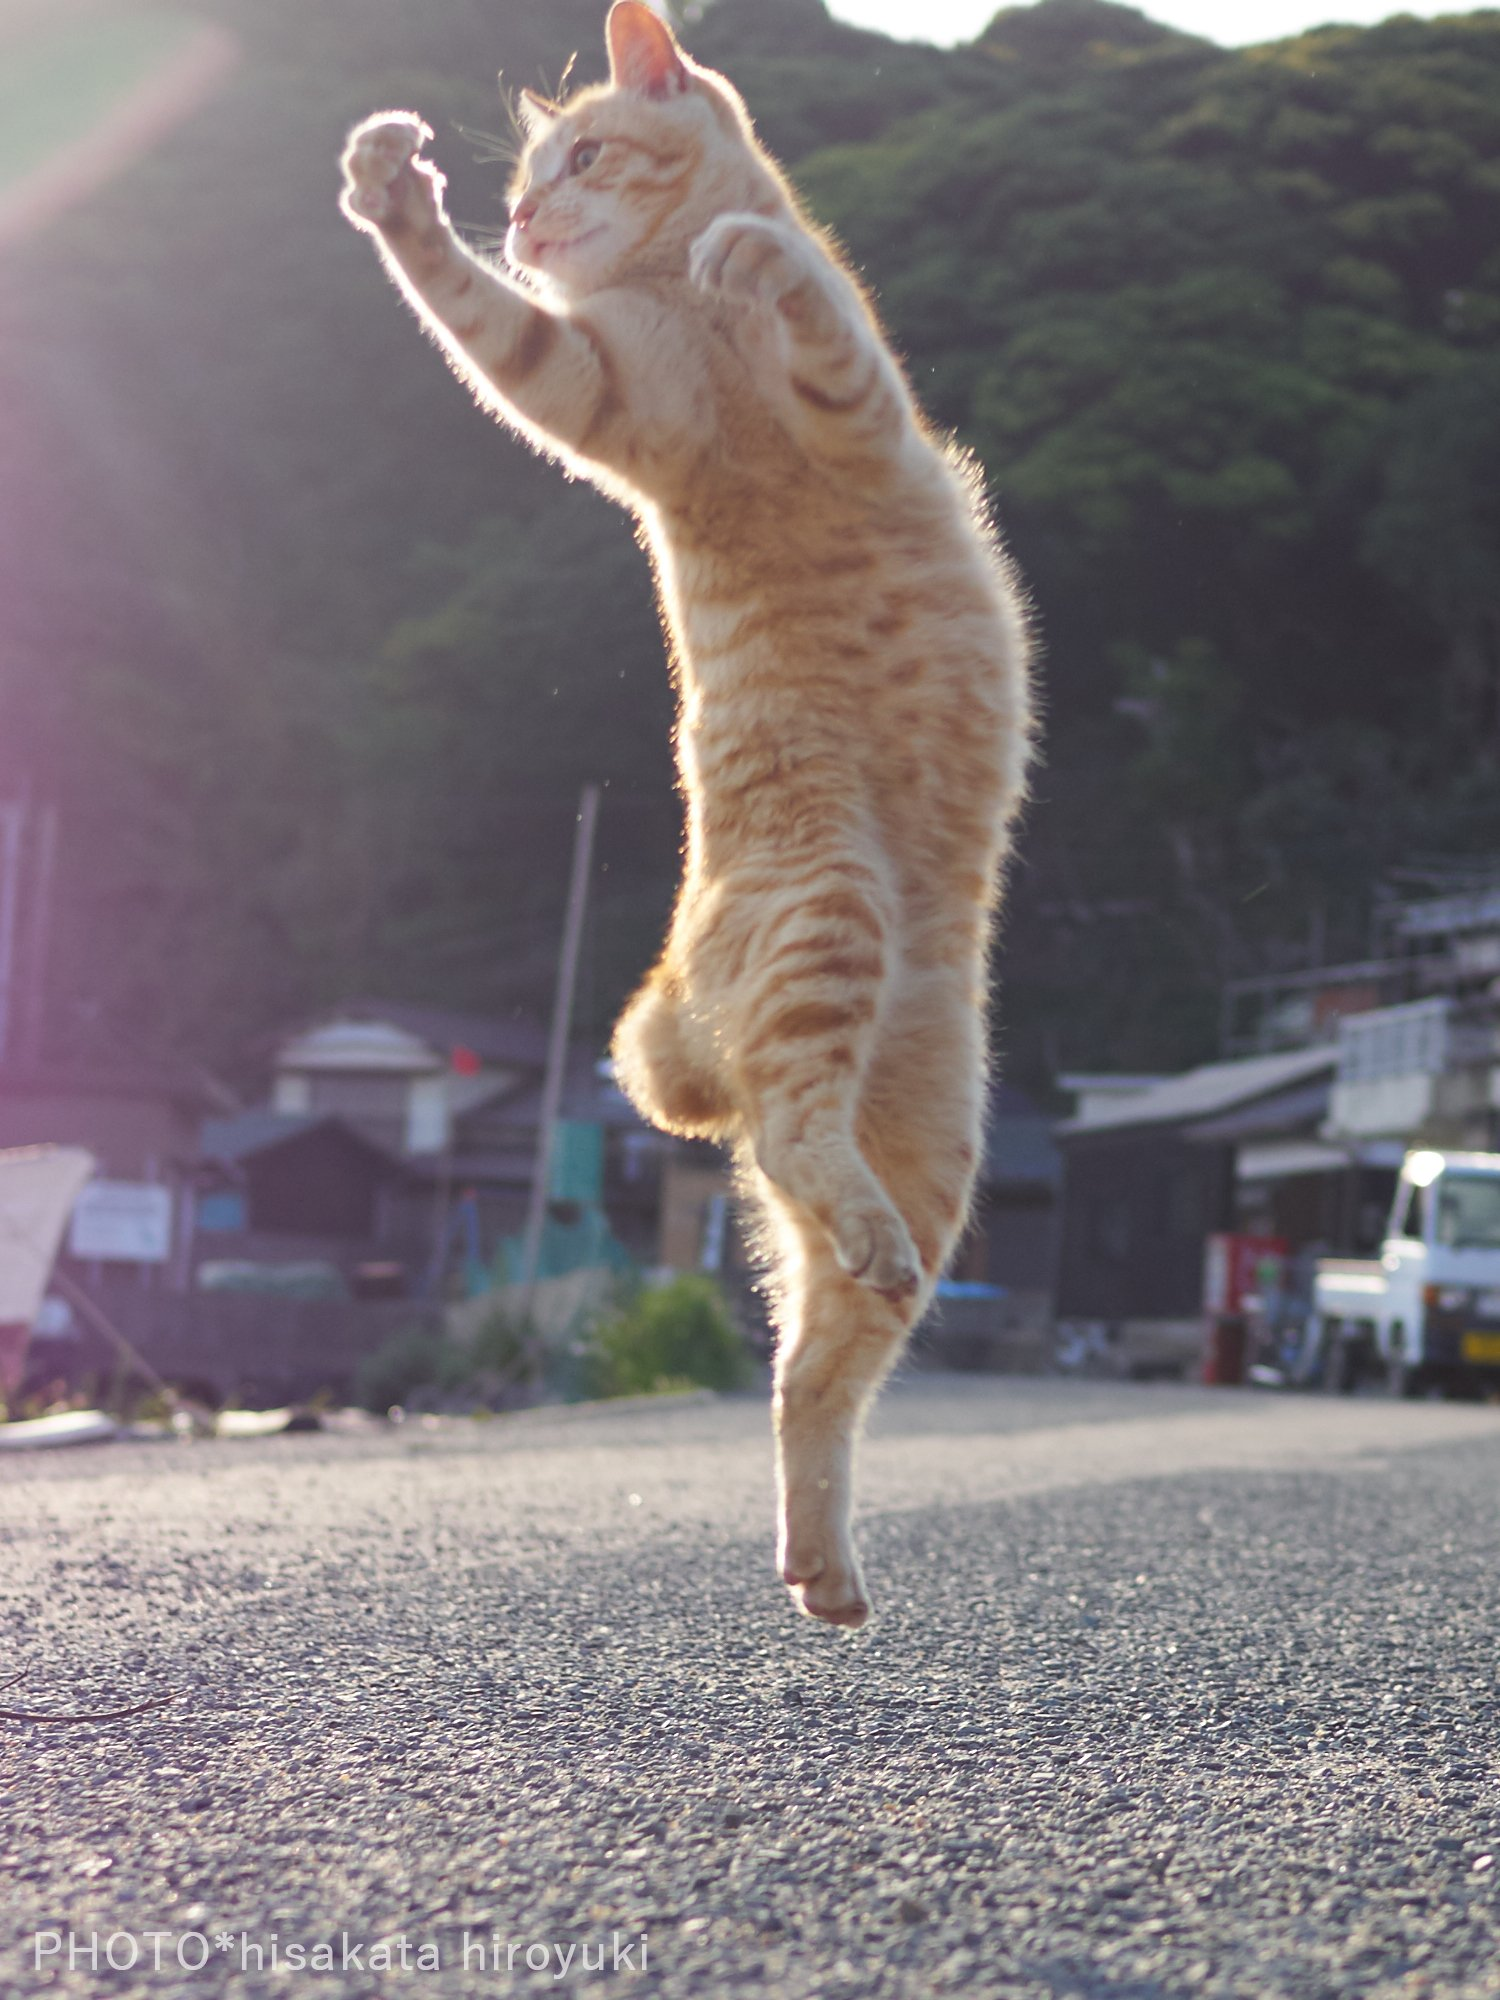 構えが達人すぎる?ww朝日もあいまってかっこよすぎる猫のポーズがかっこいいww